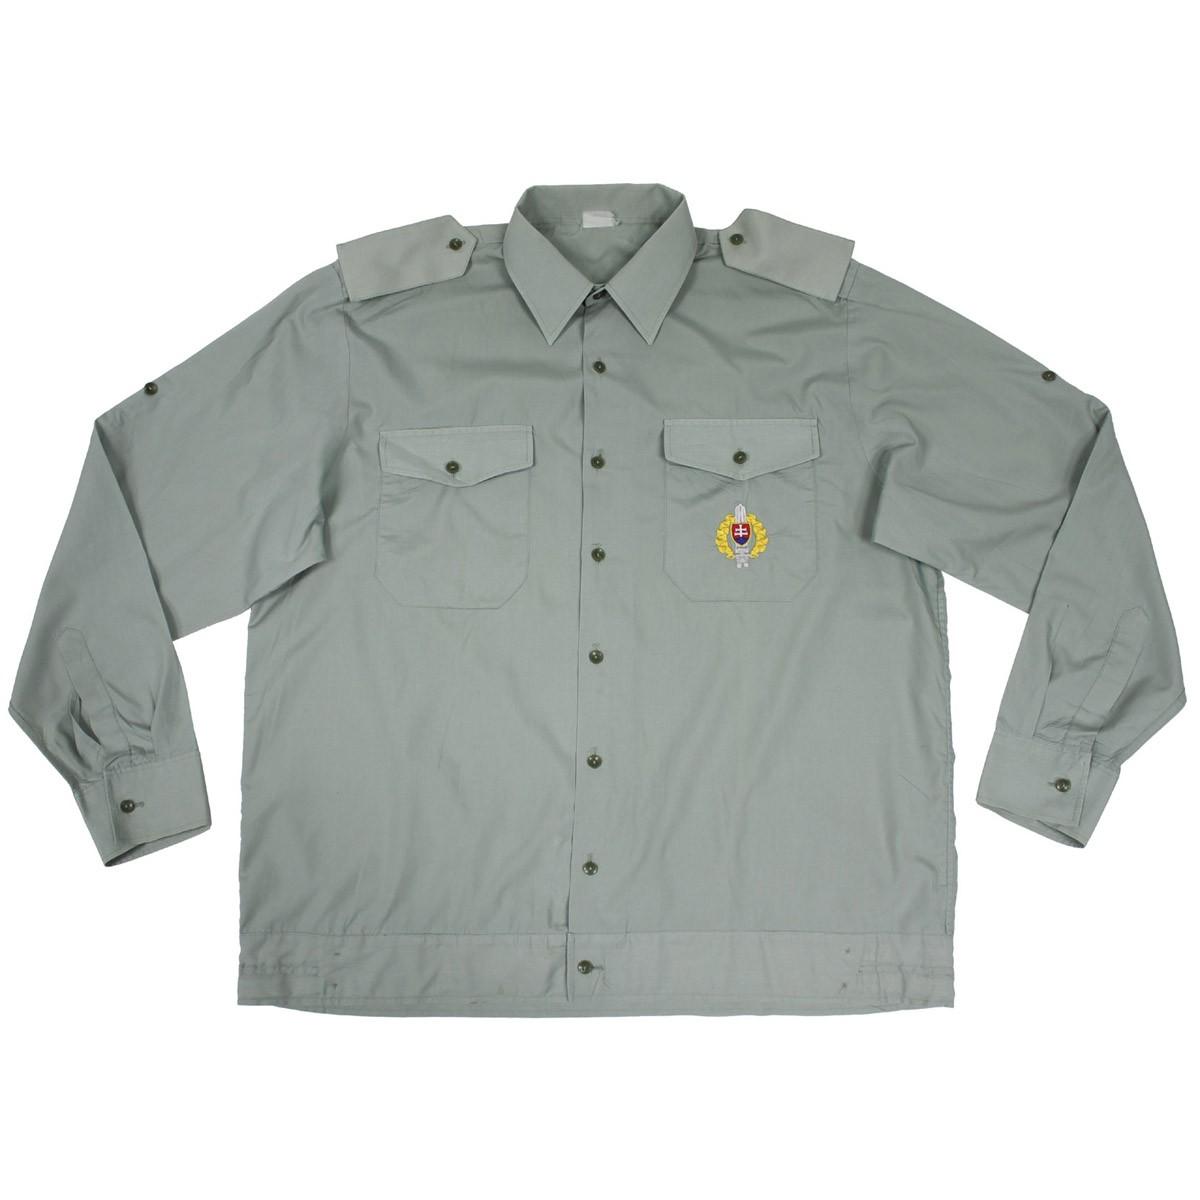 Košeľa SK s dlhým rukávom slovenská vychádzková